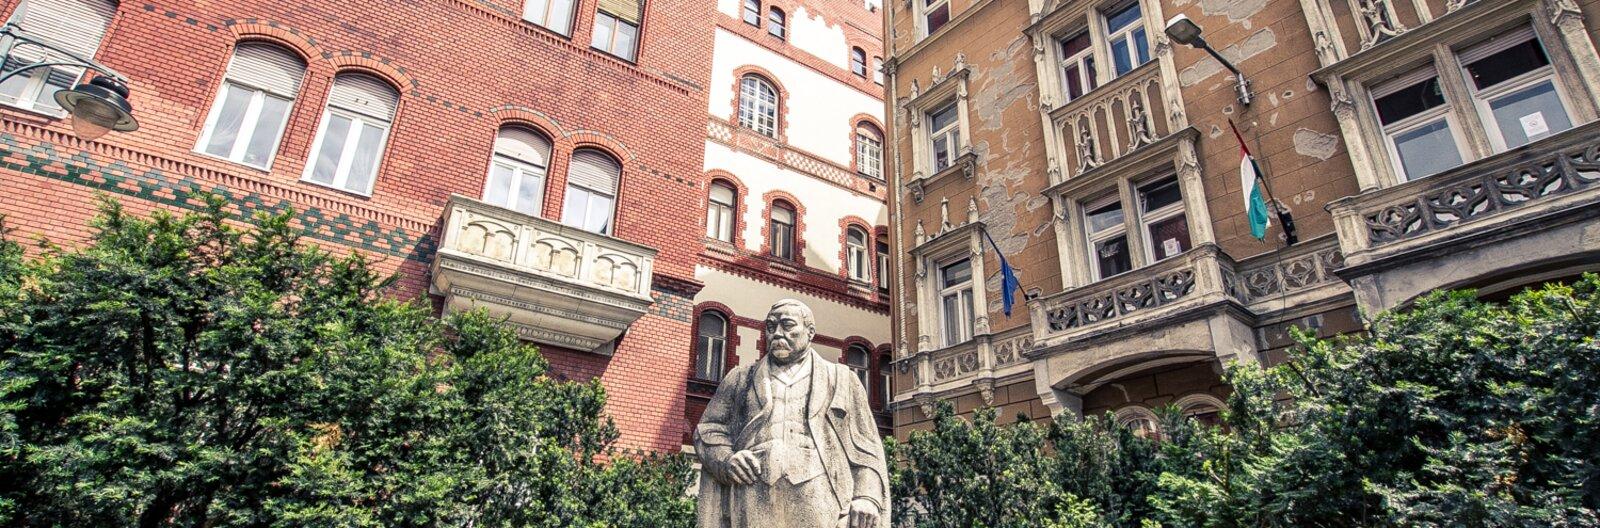 Felfutó negyedek: a Mikszáth Kálmán tér és környéke